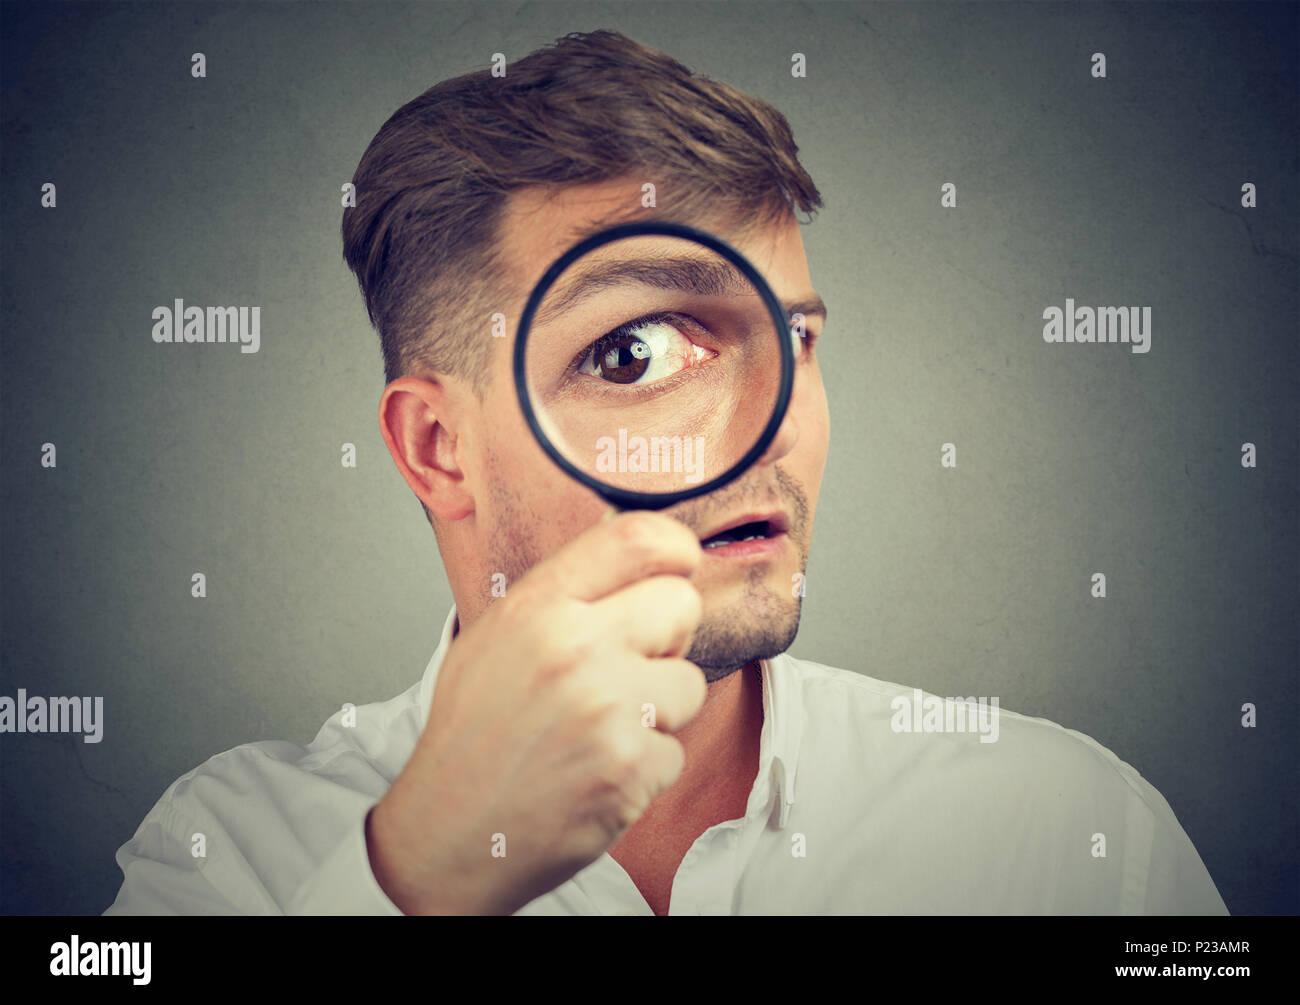 Giovane uomo espressiva cercando scioccati mentre guardando la telecamera attraverso la lente di ingrandimento. Immagini Stock